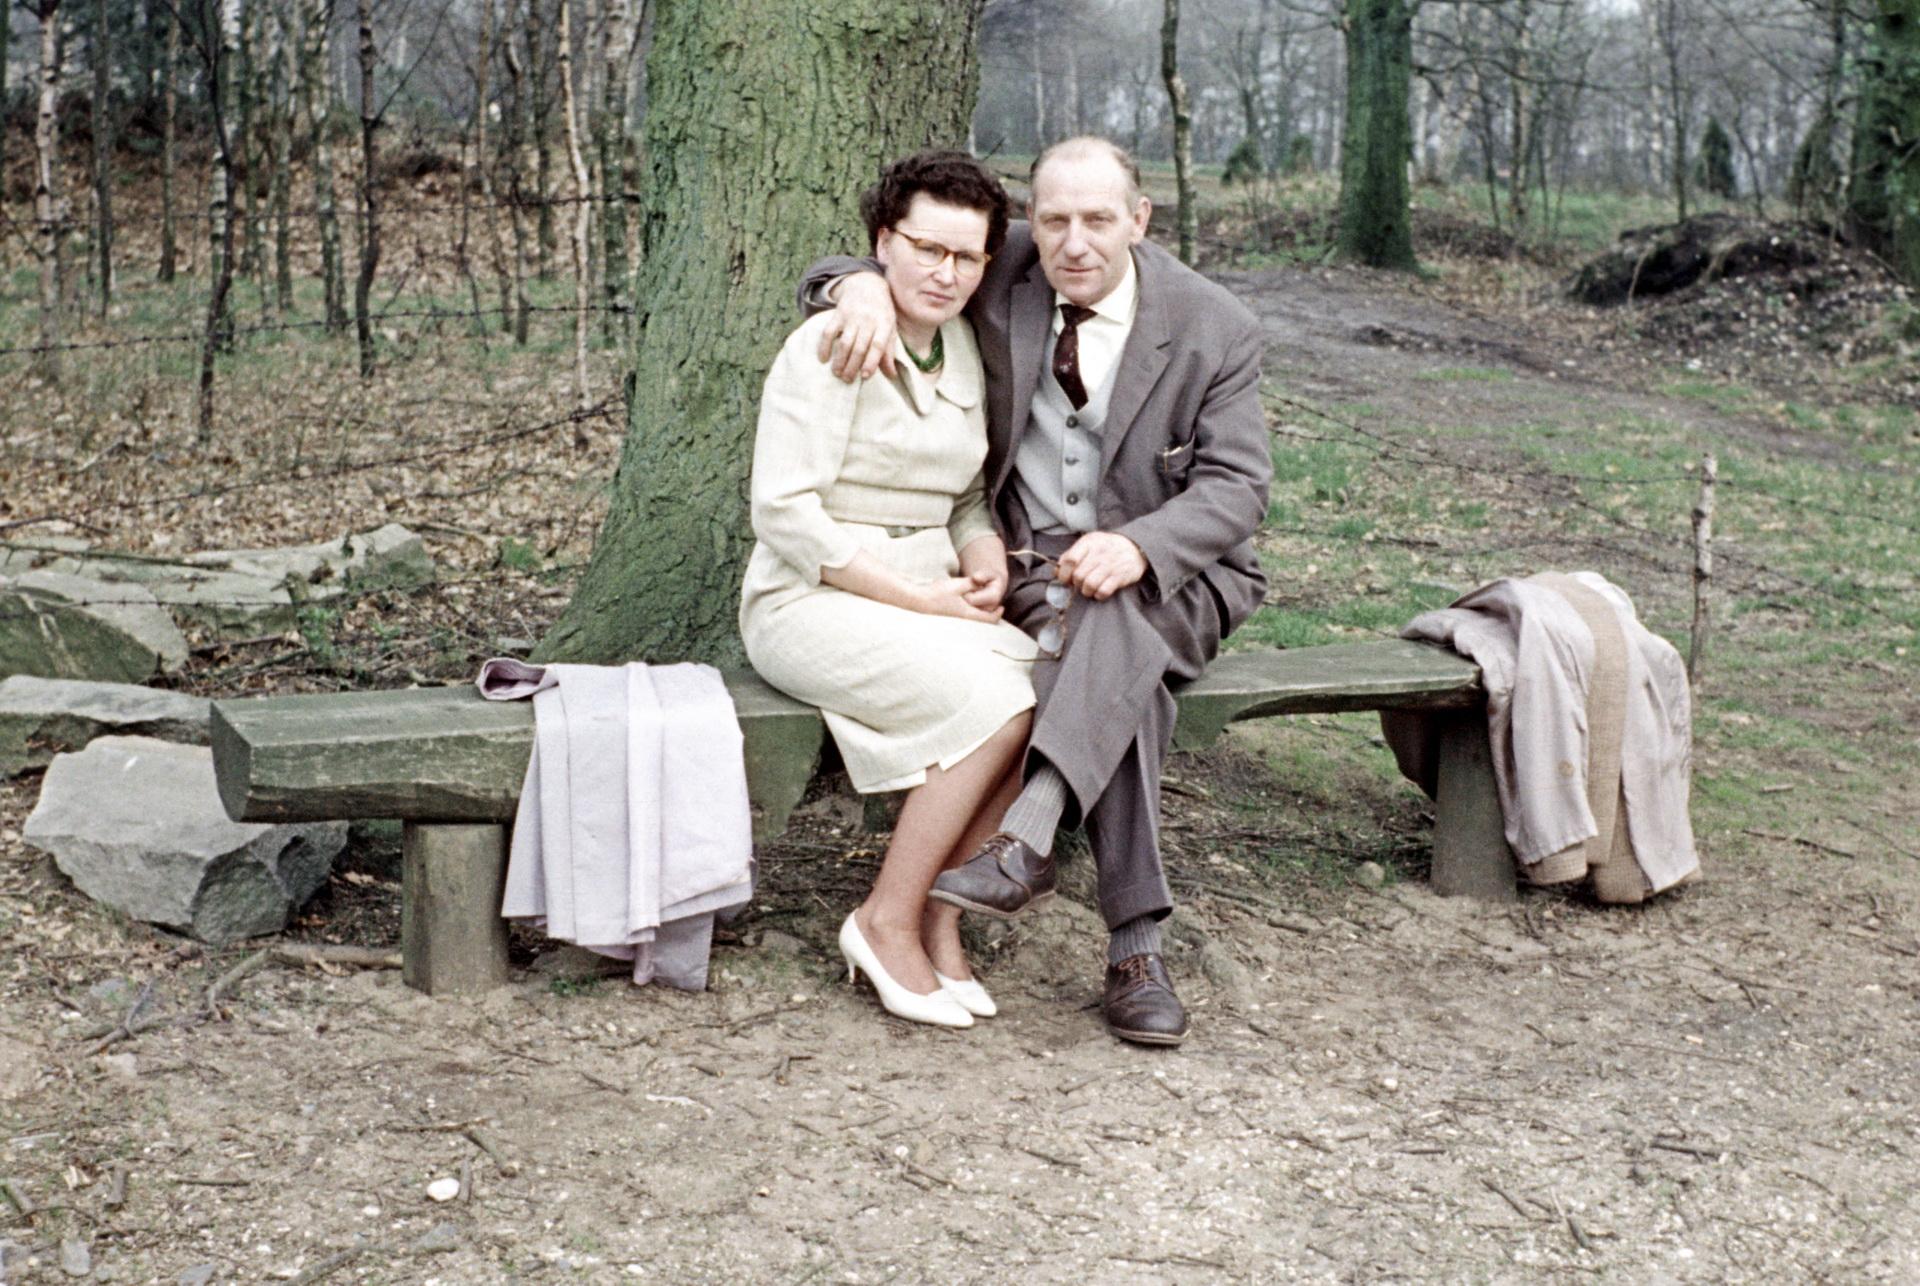 Anni und Erich Pöppel